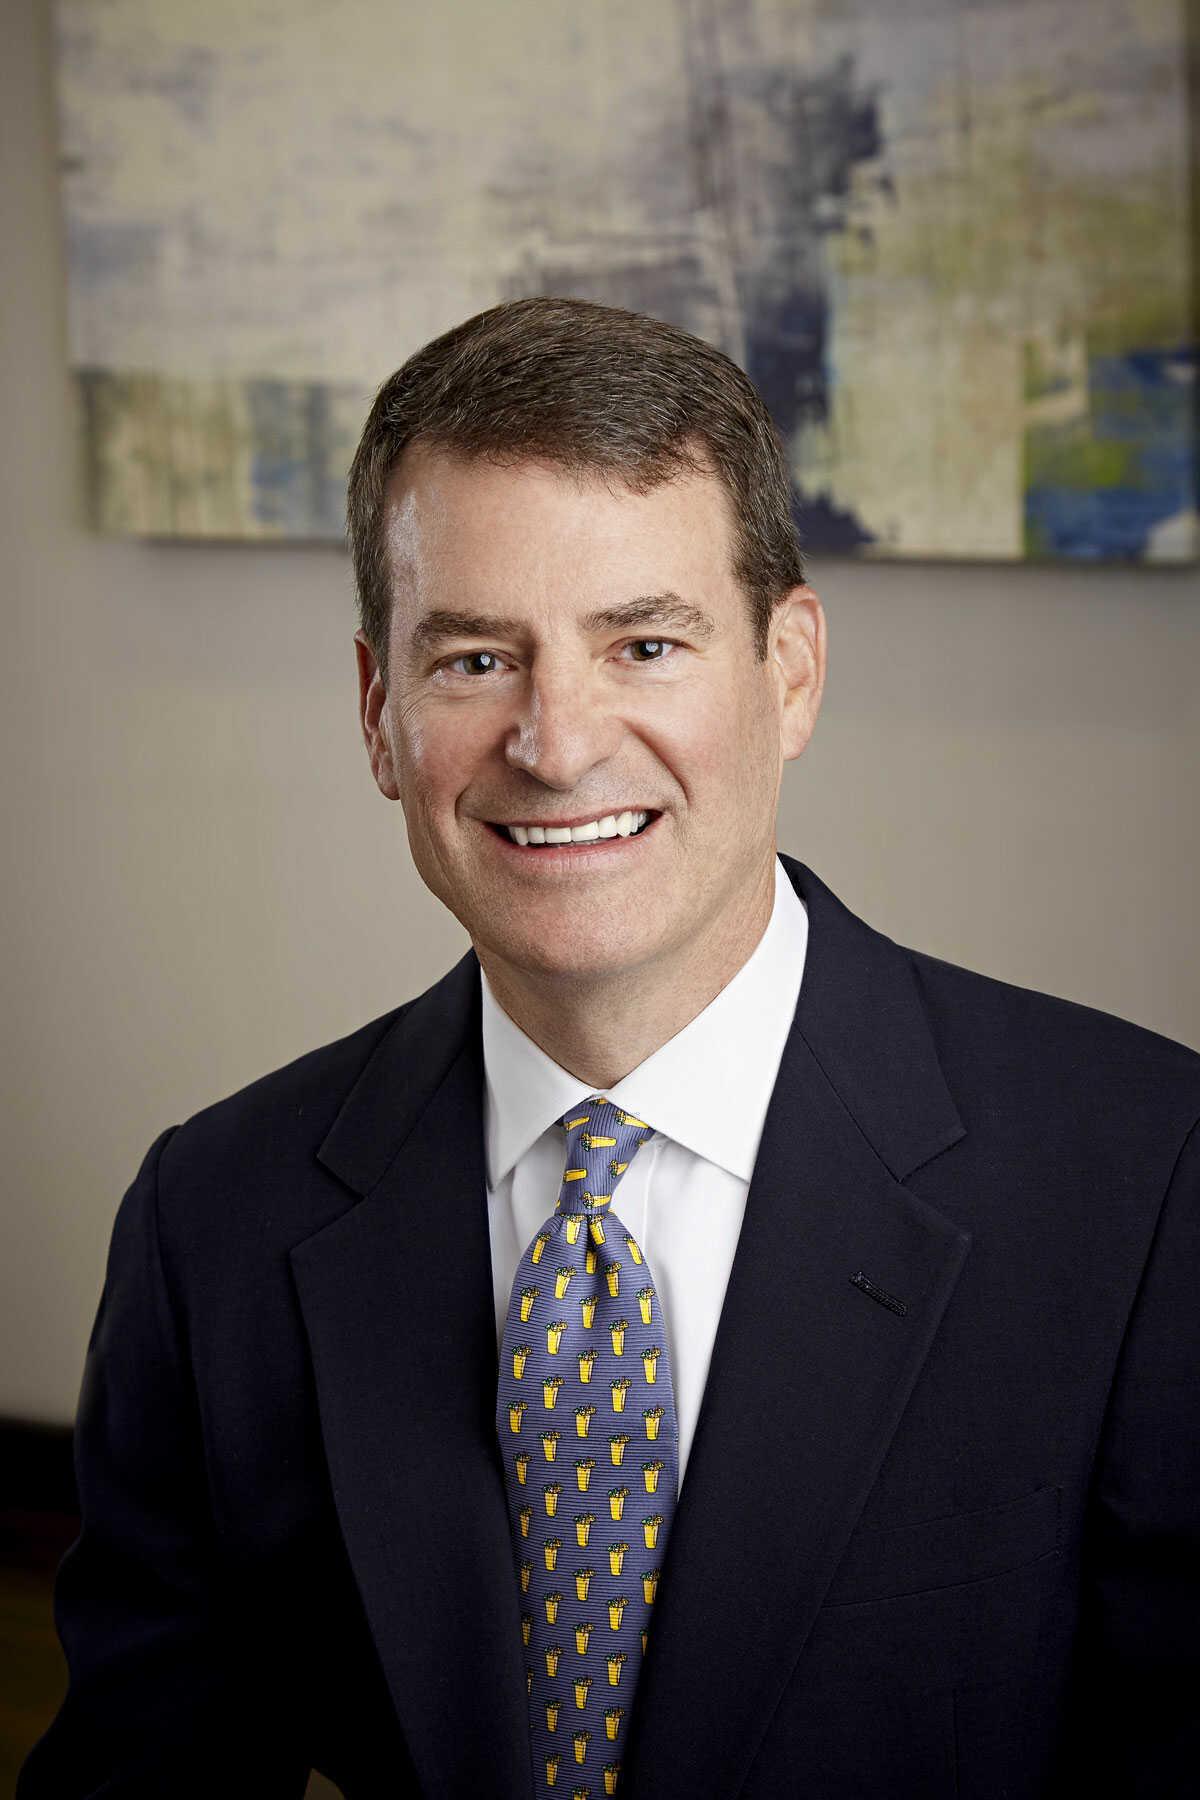 Bret C. Lewis, MD, FACOG